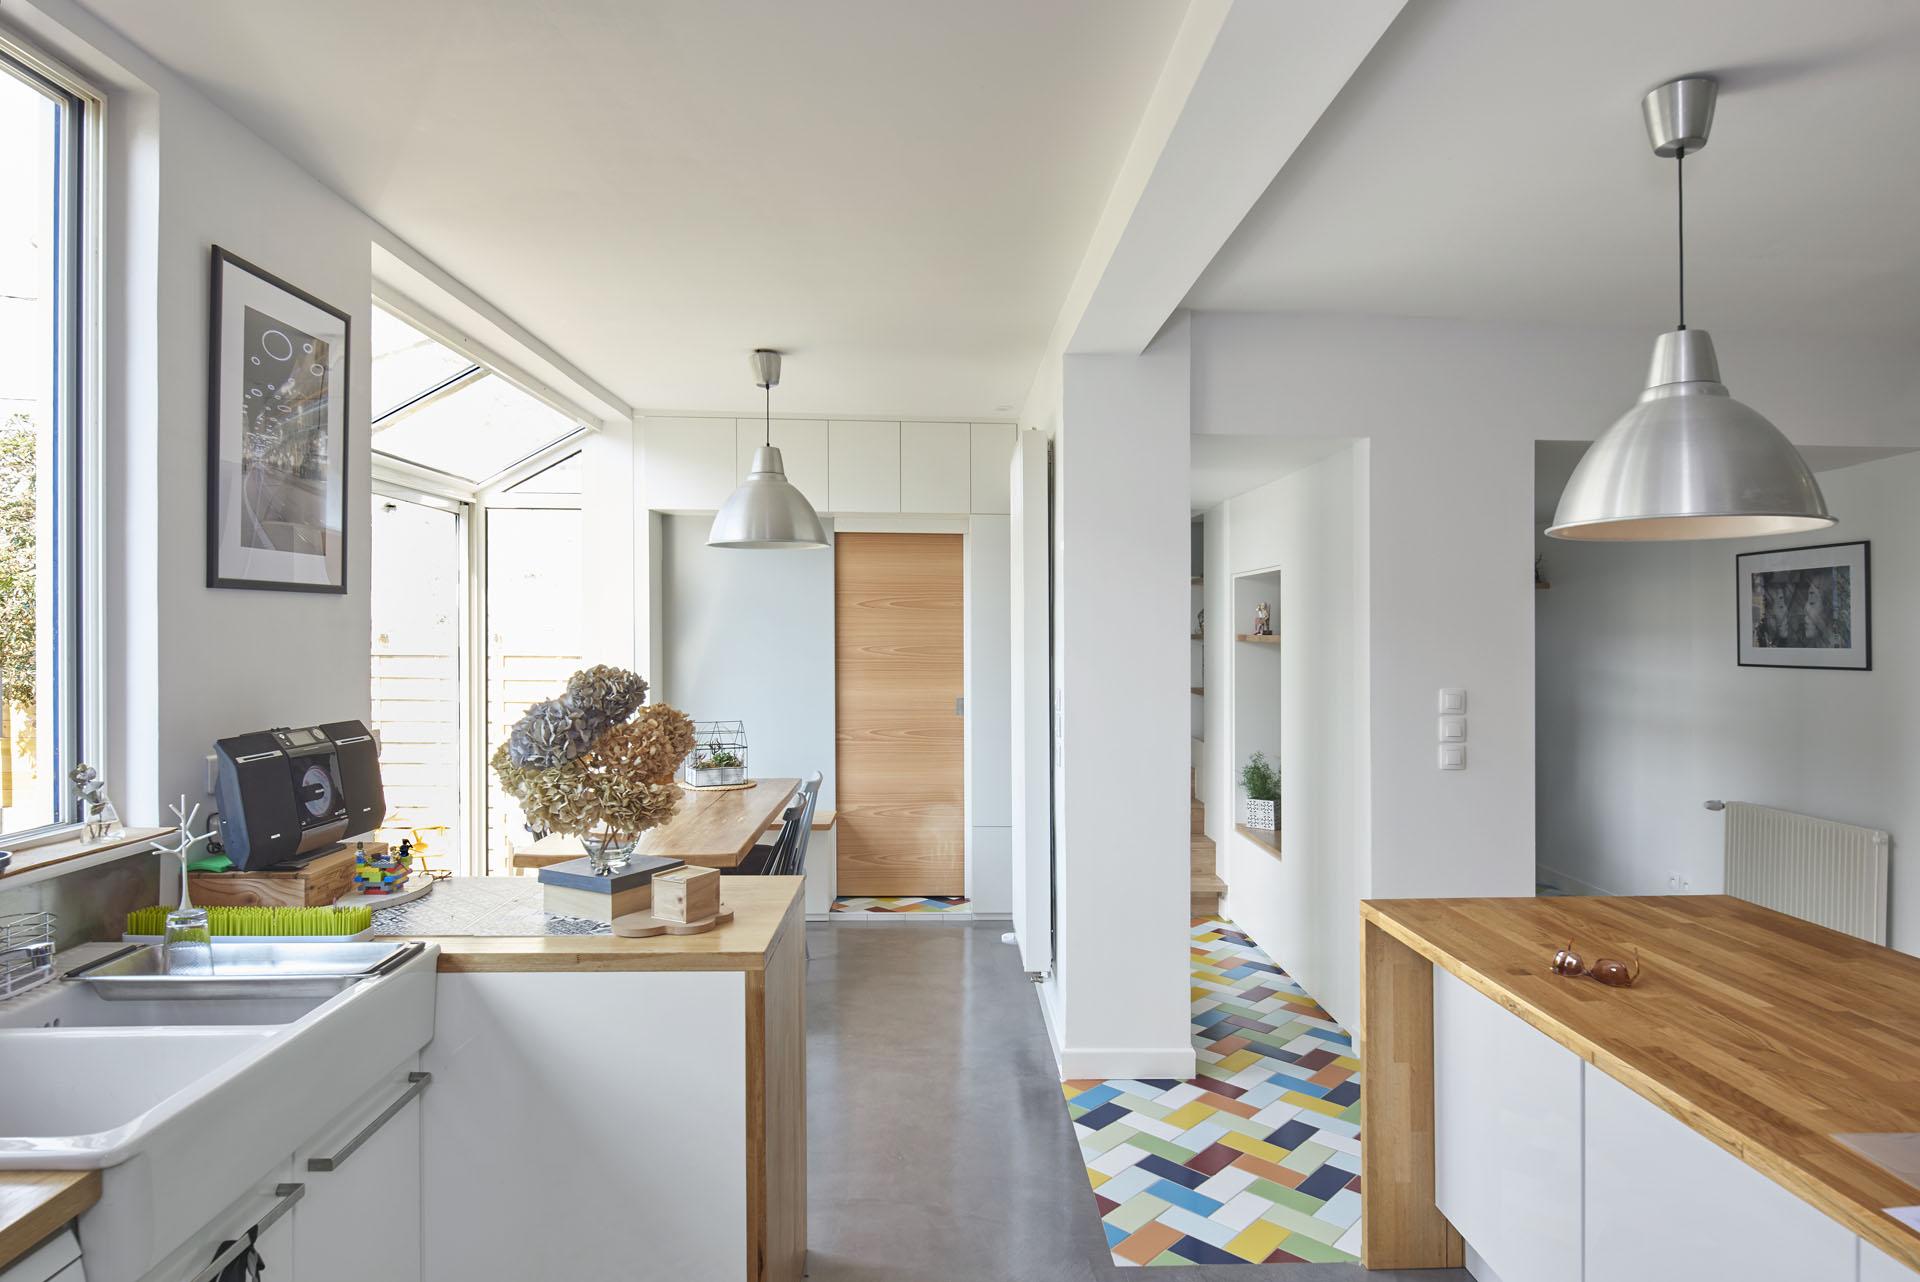 Architecte Interieur Bordeaux réhabilitation d'un restaurant par un architecte bordeaux 33